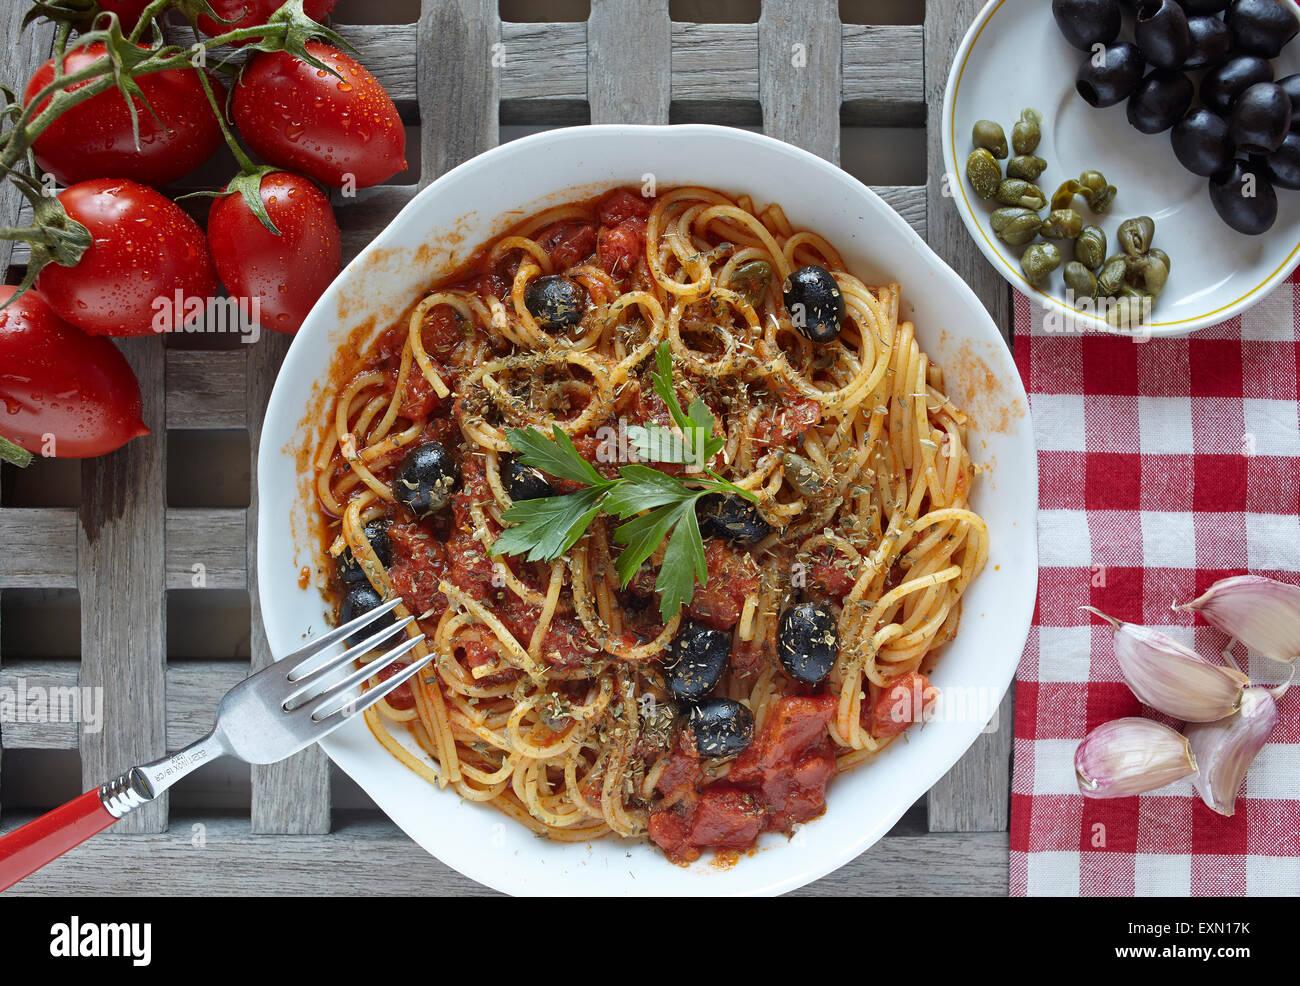 Comida italiana: pasta con tomates, alcaparras y aceitunas, llamado puttanesca Imagen De Stock